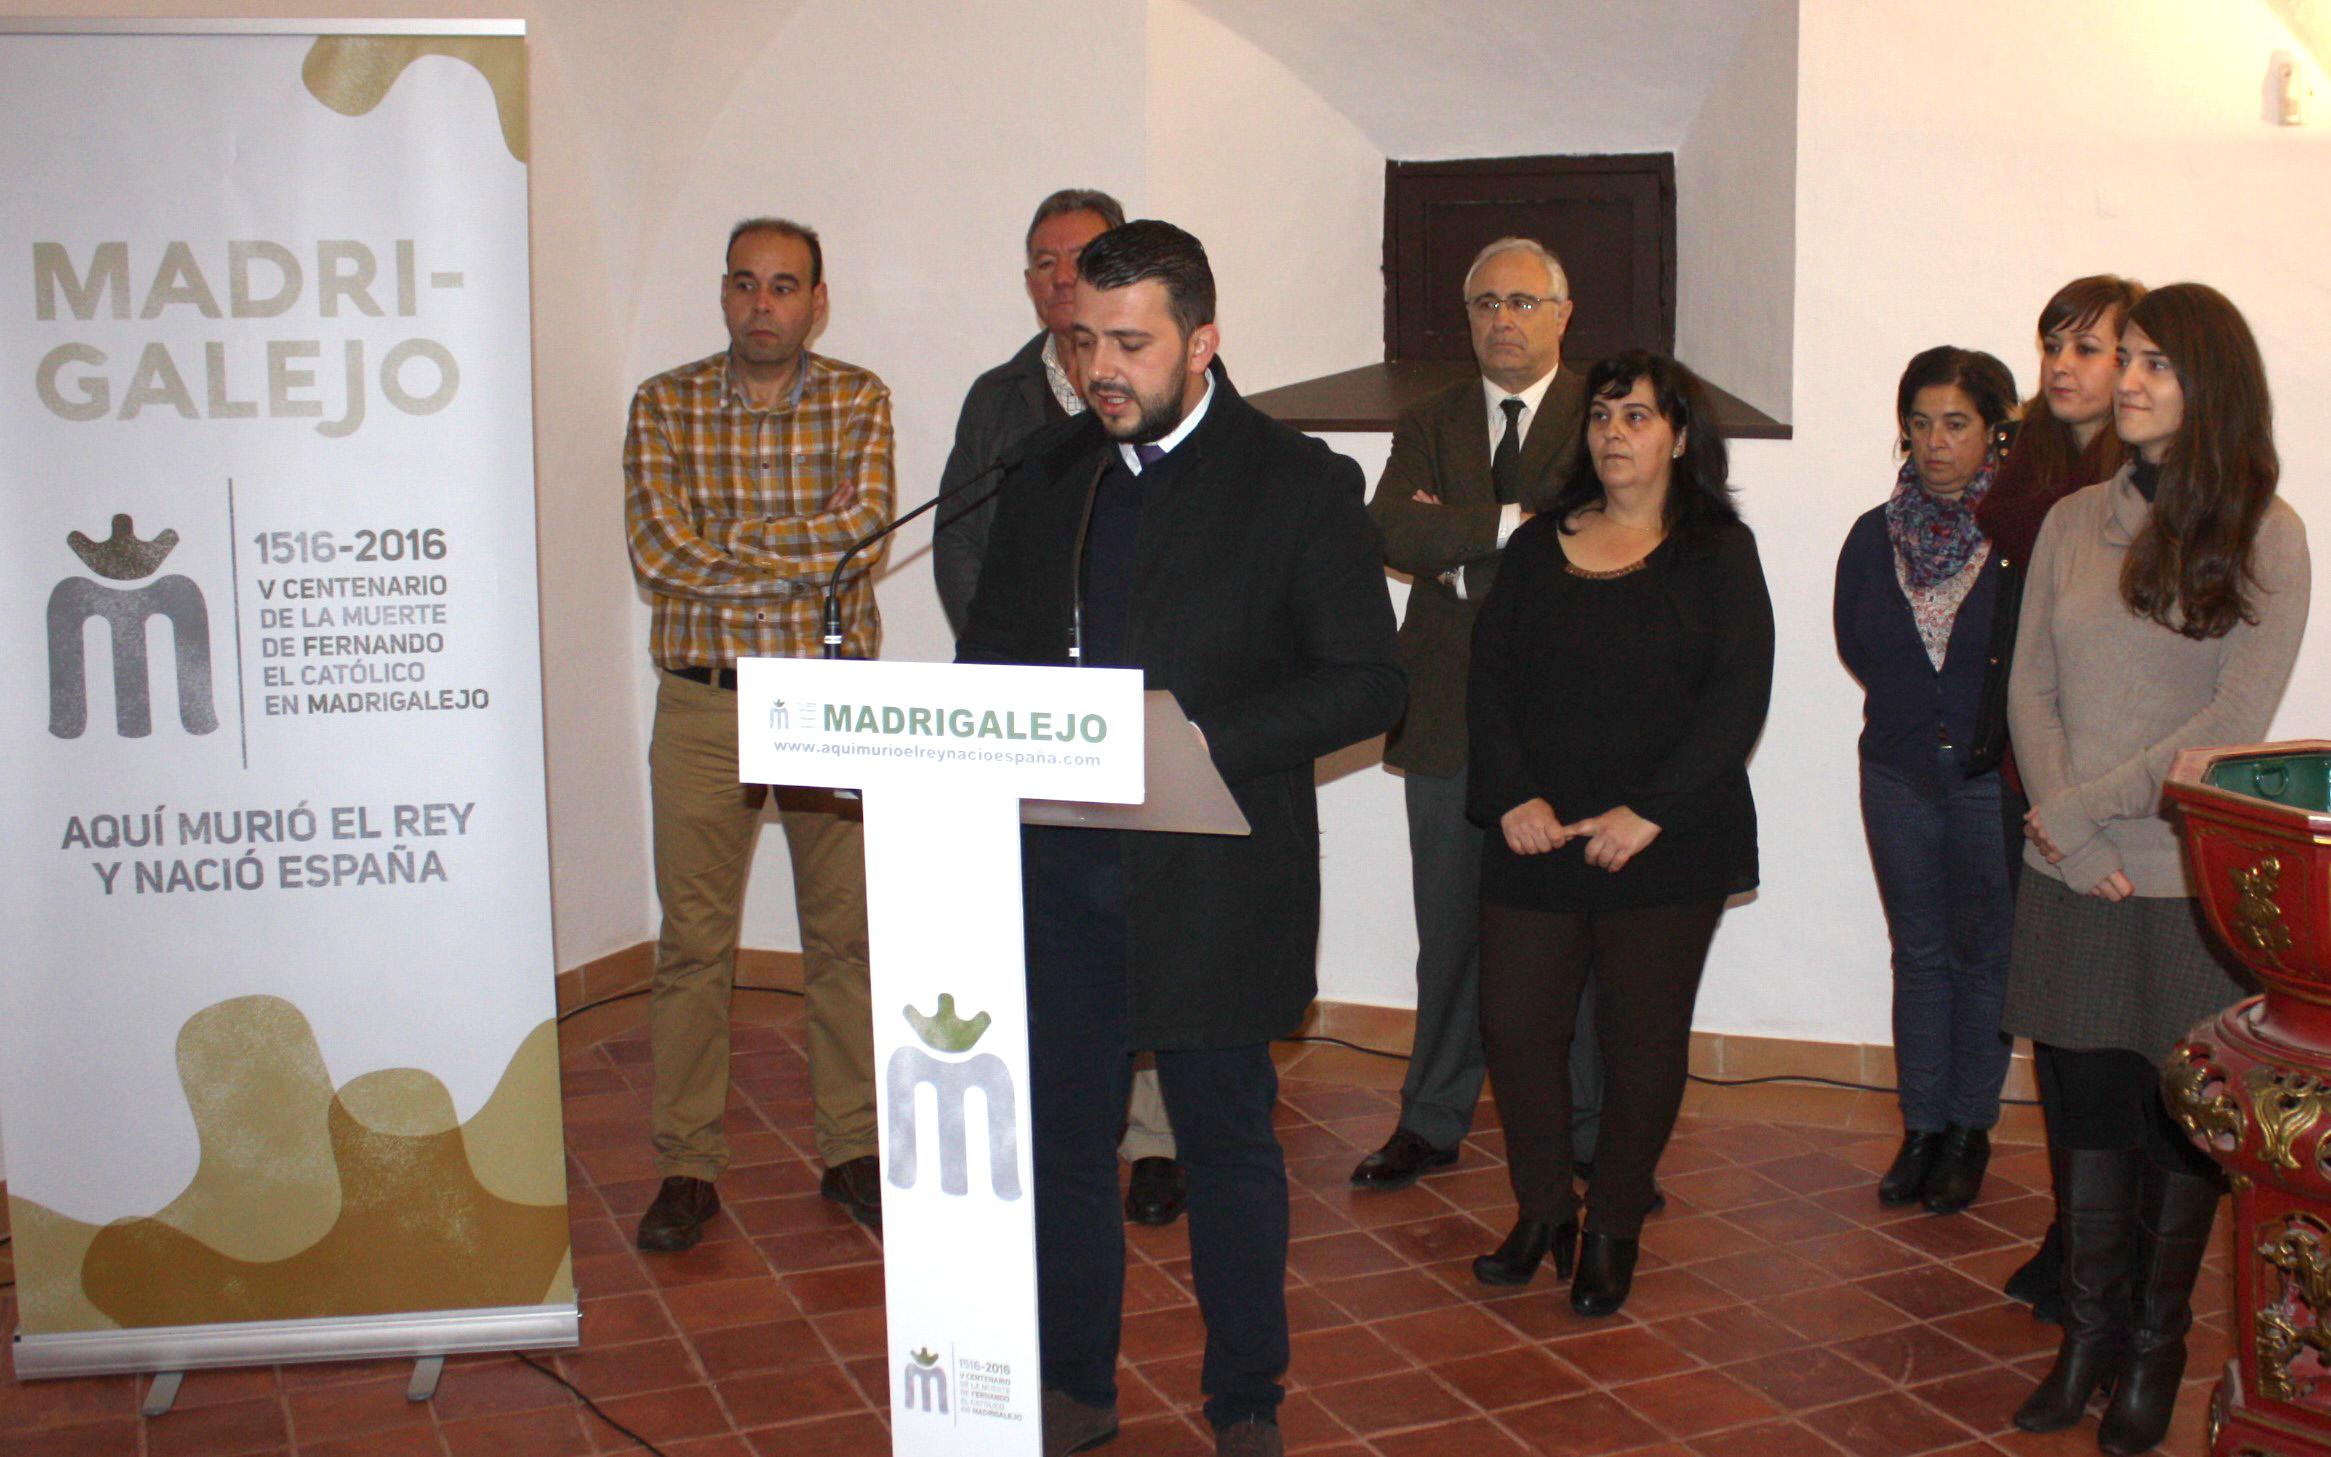 La Fundación Academia Europea de Yuste se suma a los actos de celebración del V centenario de la muerte de Fernando el Católico en Madrigalejo